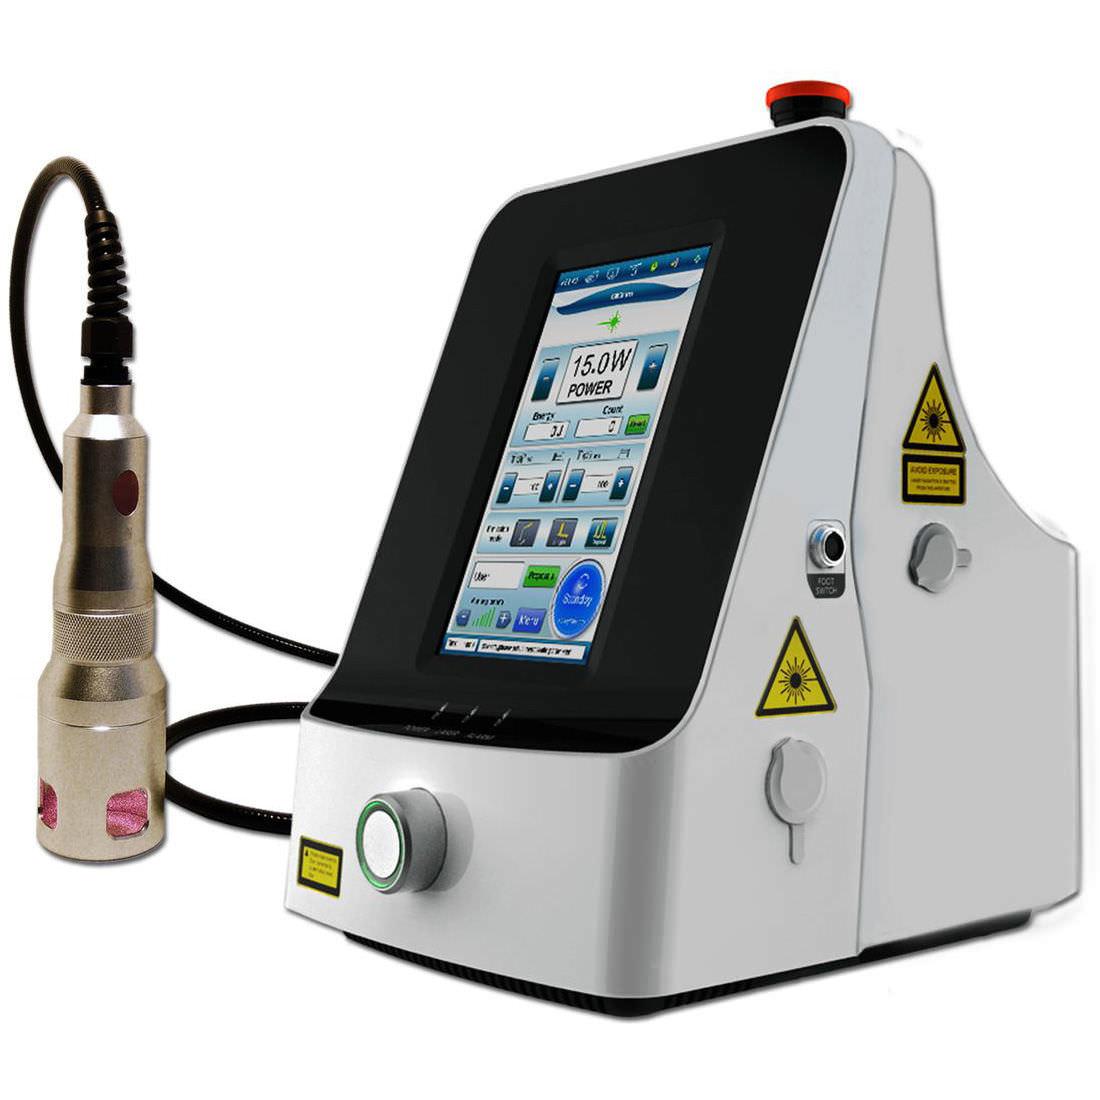 Image result for Gbox laser image